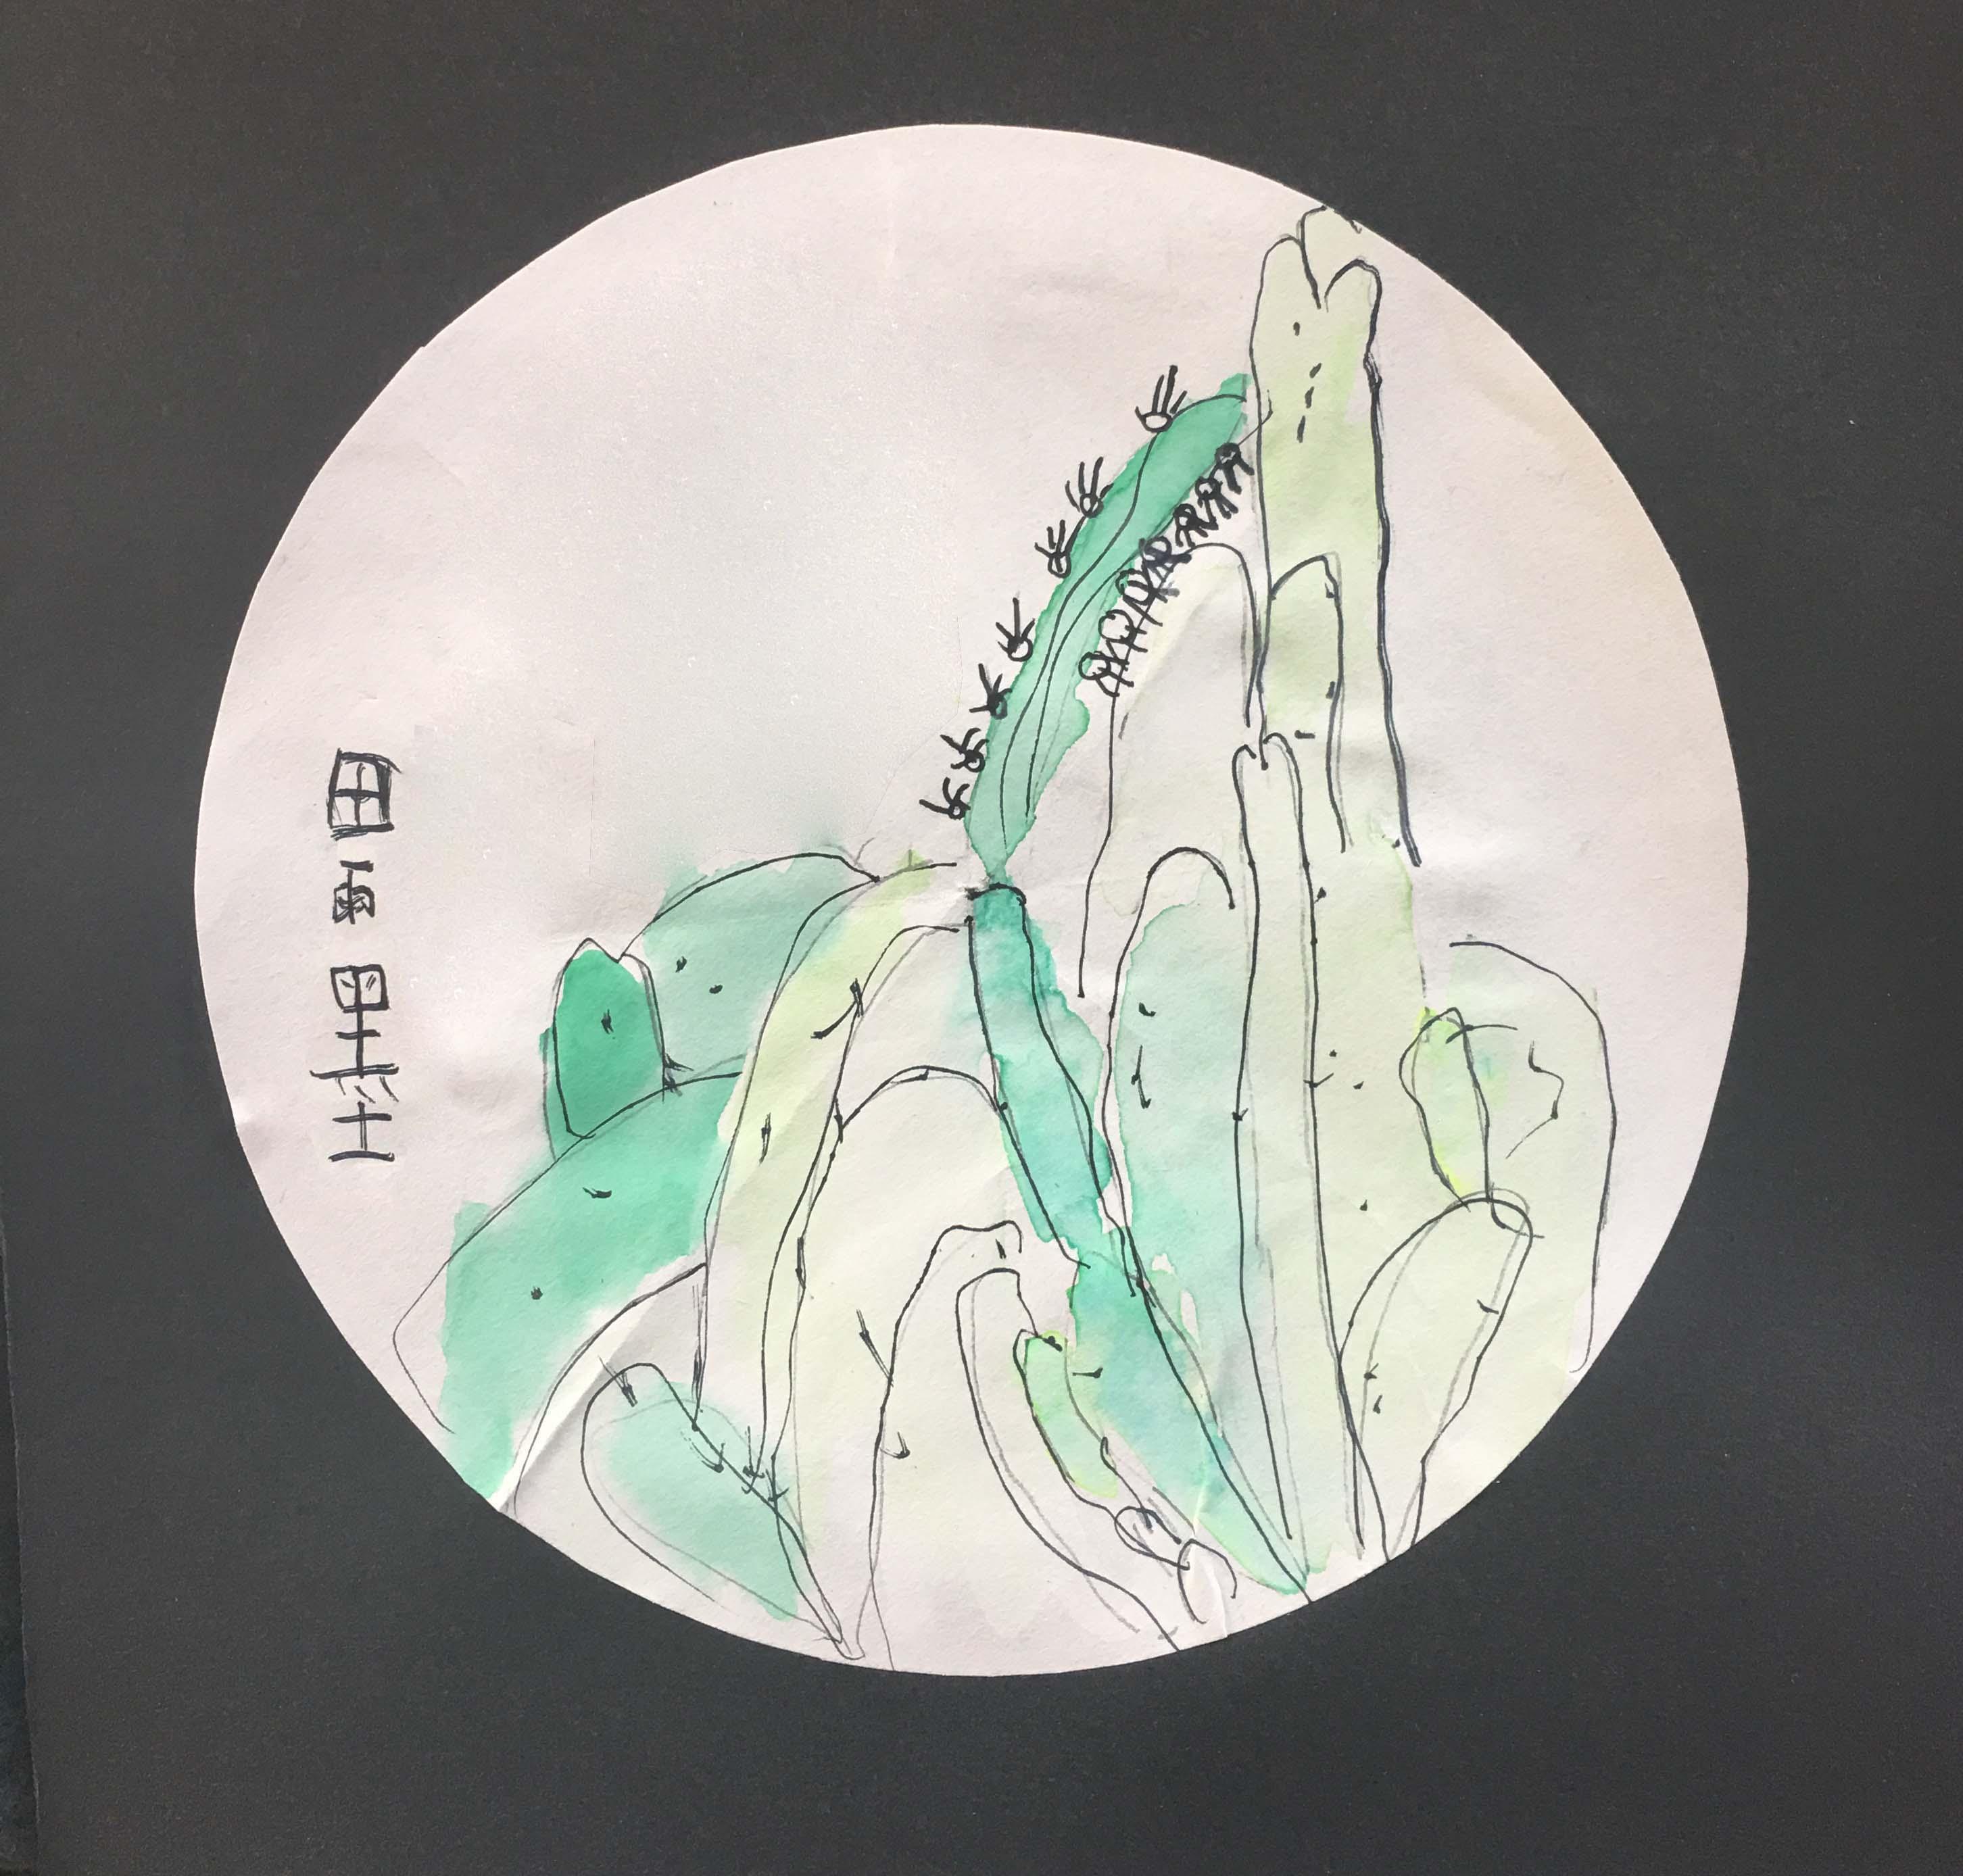 田雨墨-仙人掌(水彩画)